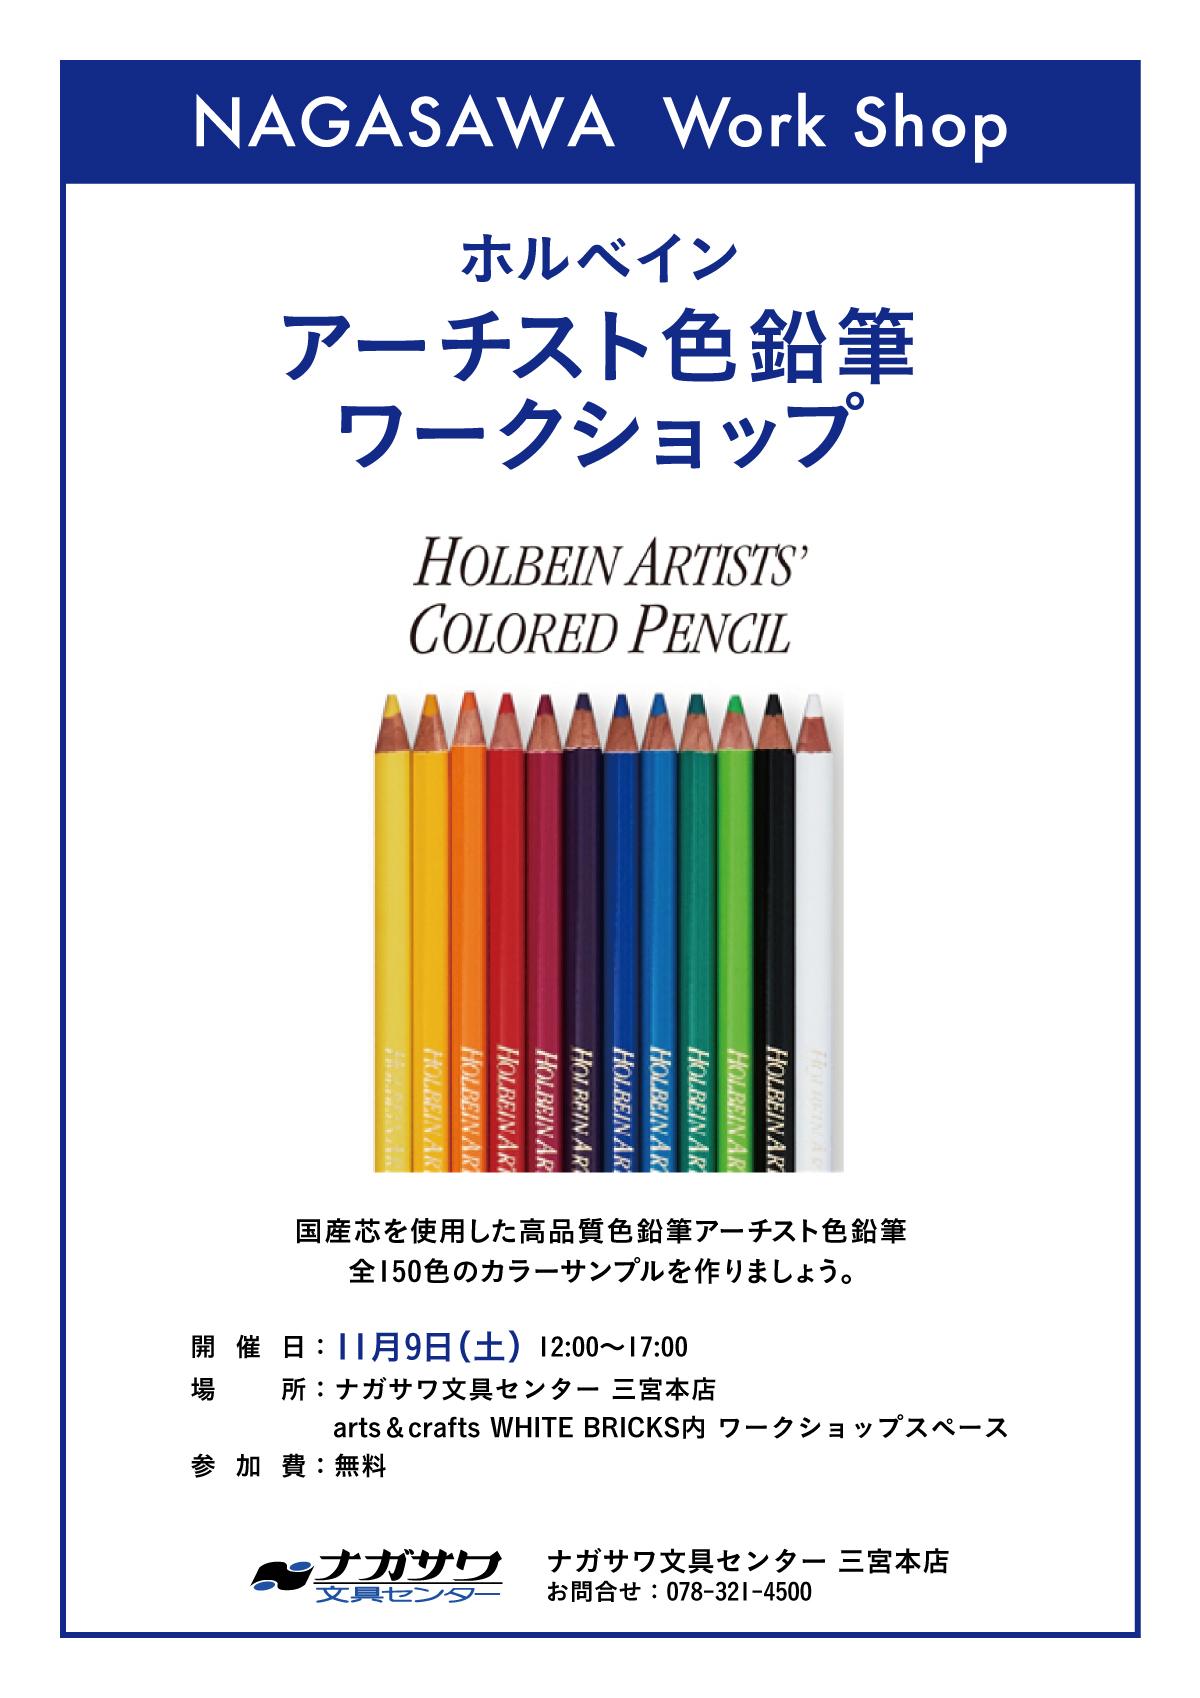 【本店】ホルベイン アーティスト色鉛筆を使ってみよう!無料体験会開催